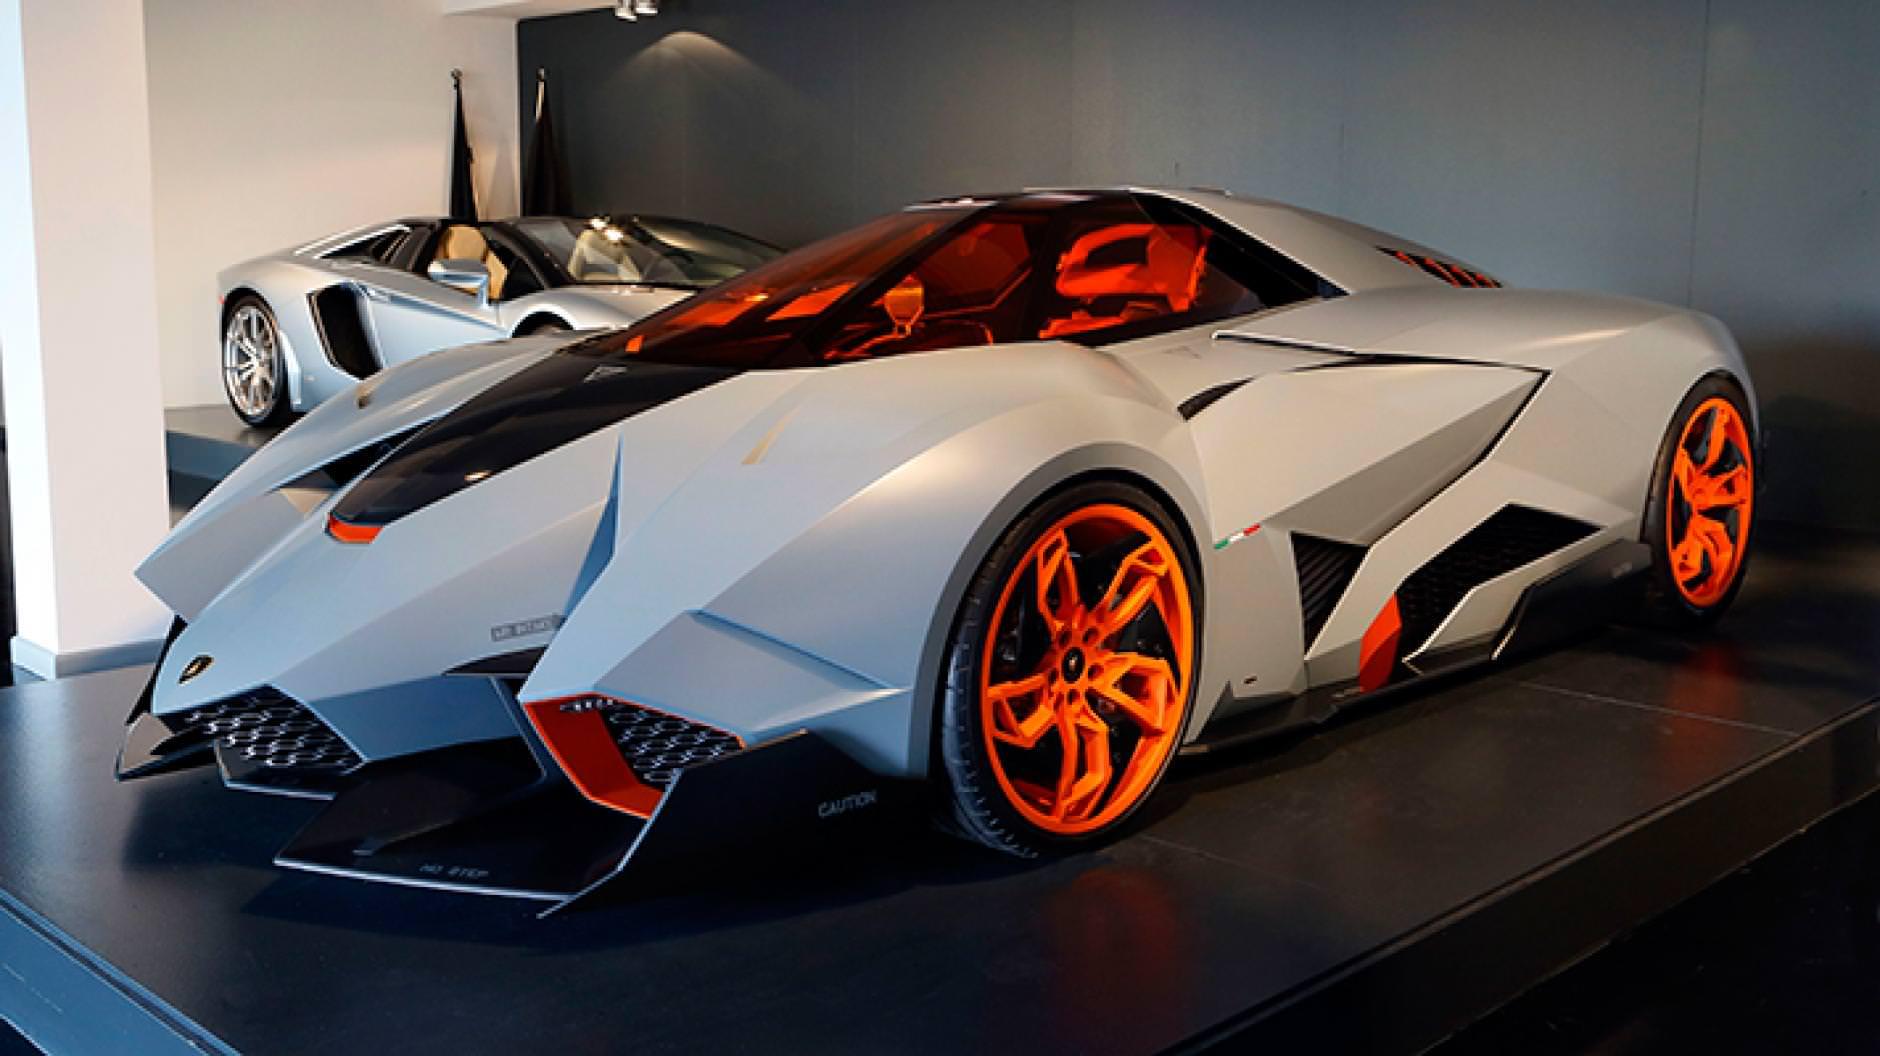 بالصور اجمل سيارة في العالم , سيارات فخمة وجميلة جدا 3389 12